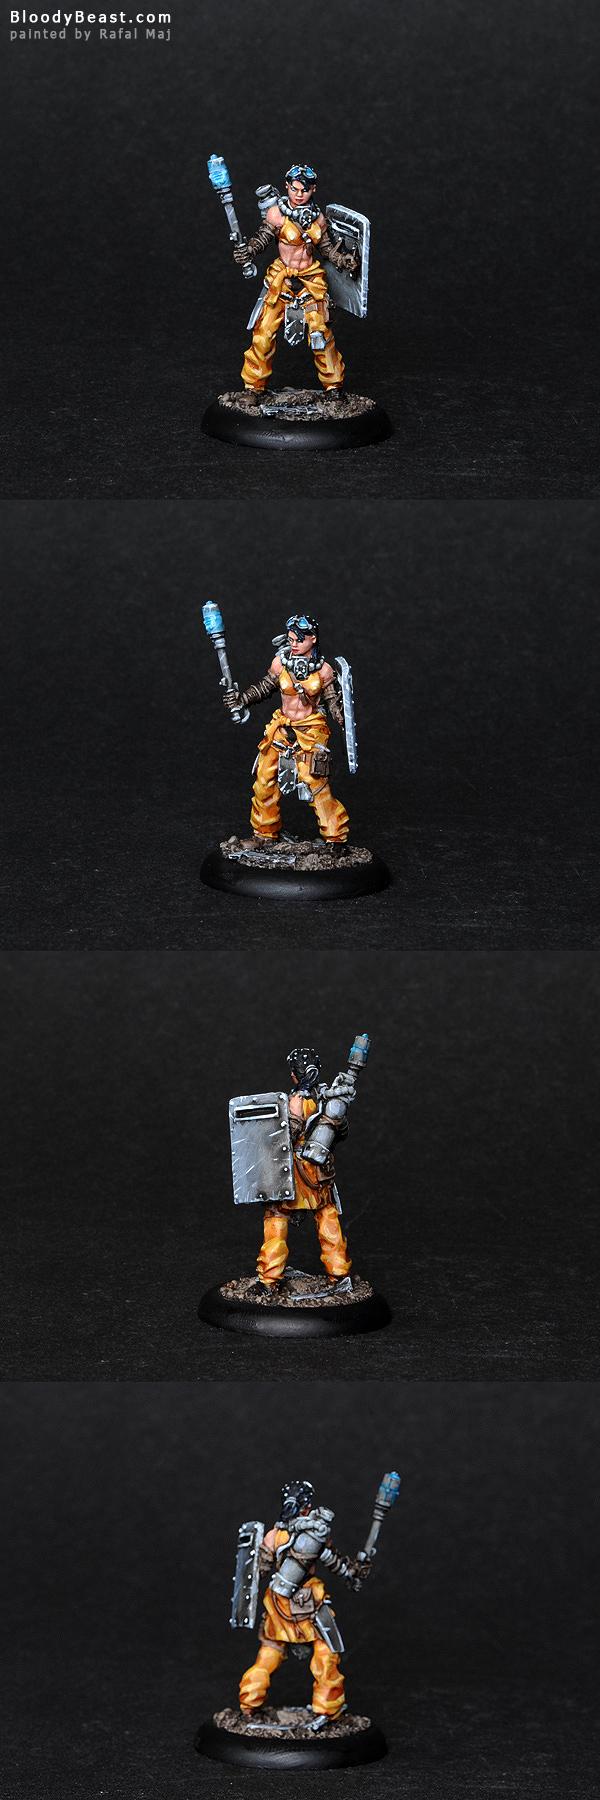 Eden Resistance Chelsea painted by Rafal Maj (BloodyBeast.com)